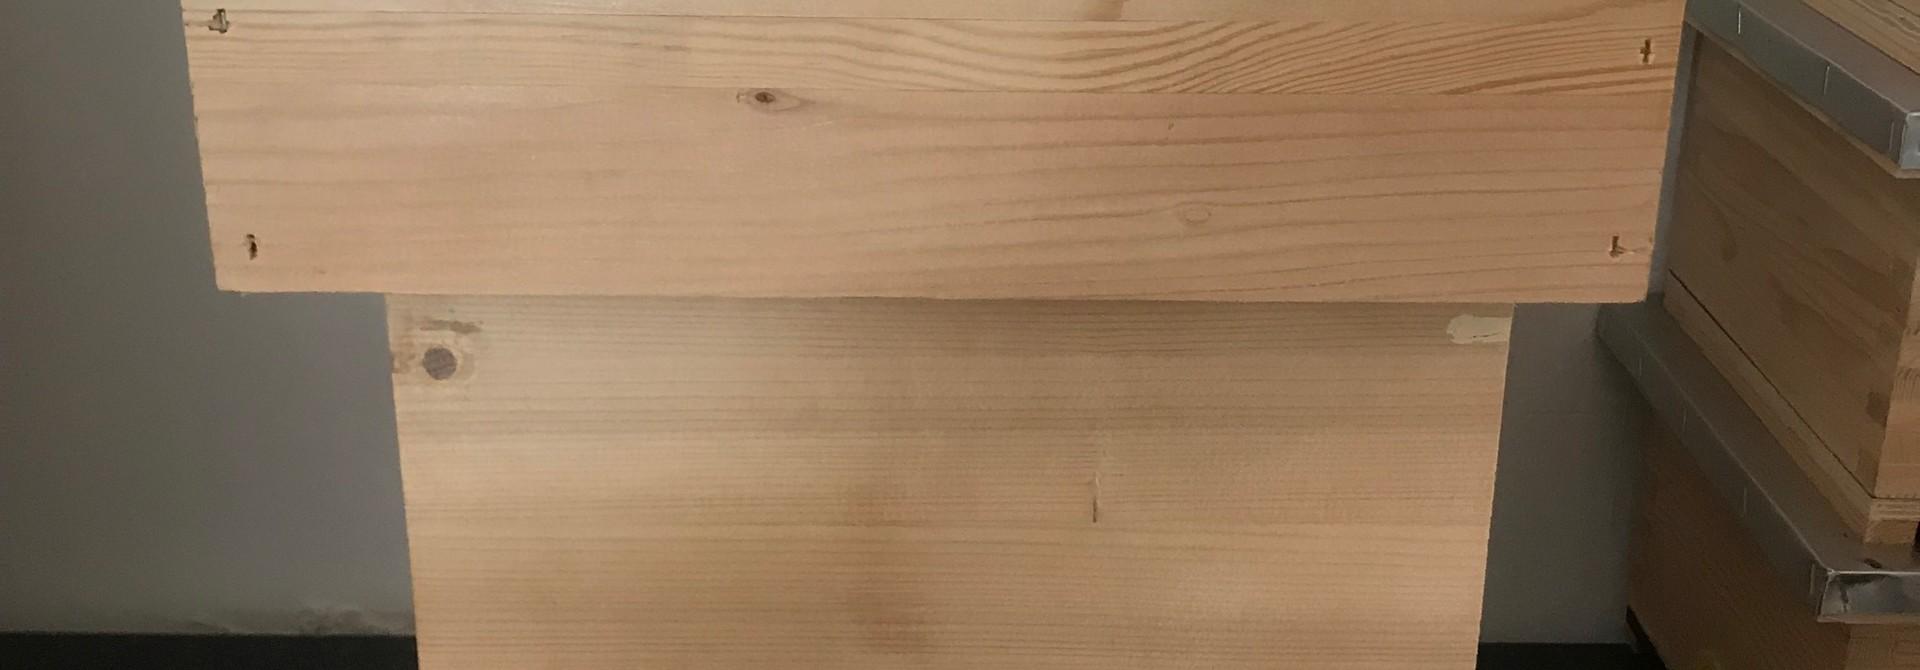 Complete Dadant Blatt afleggerkast - 6 ramen